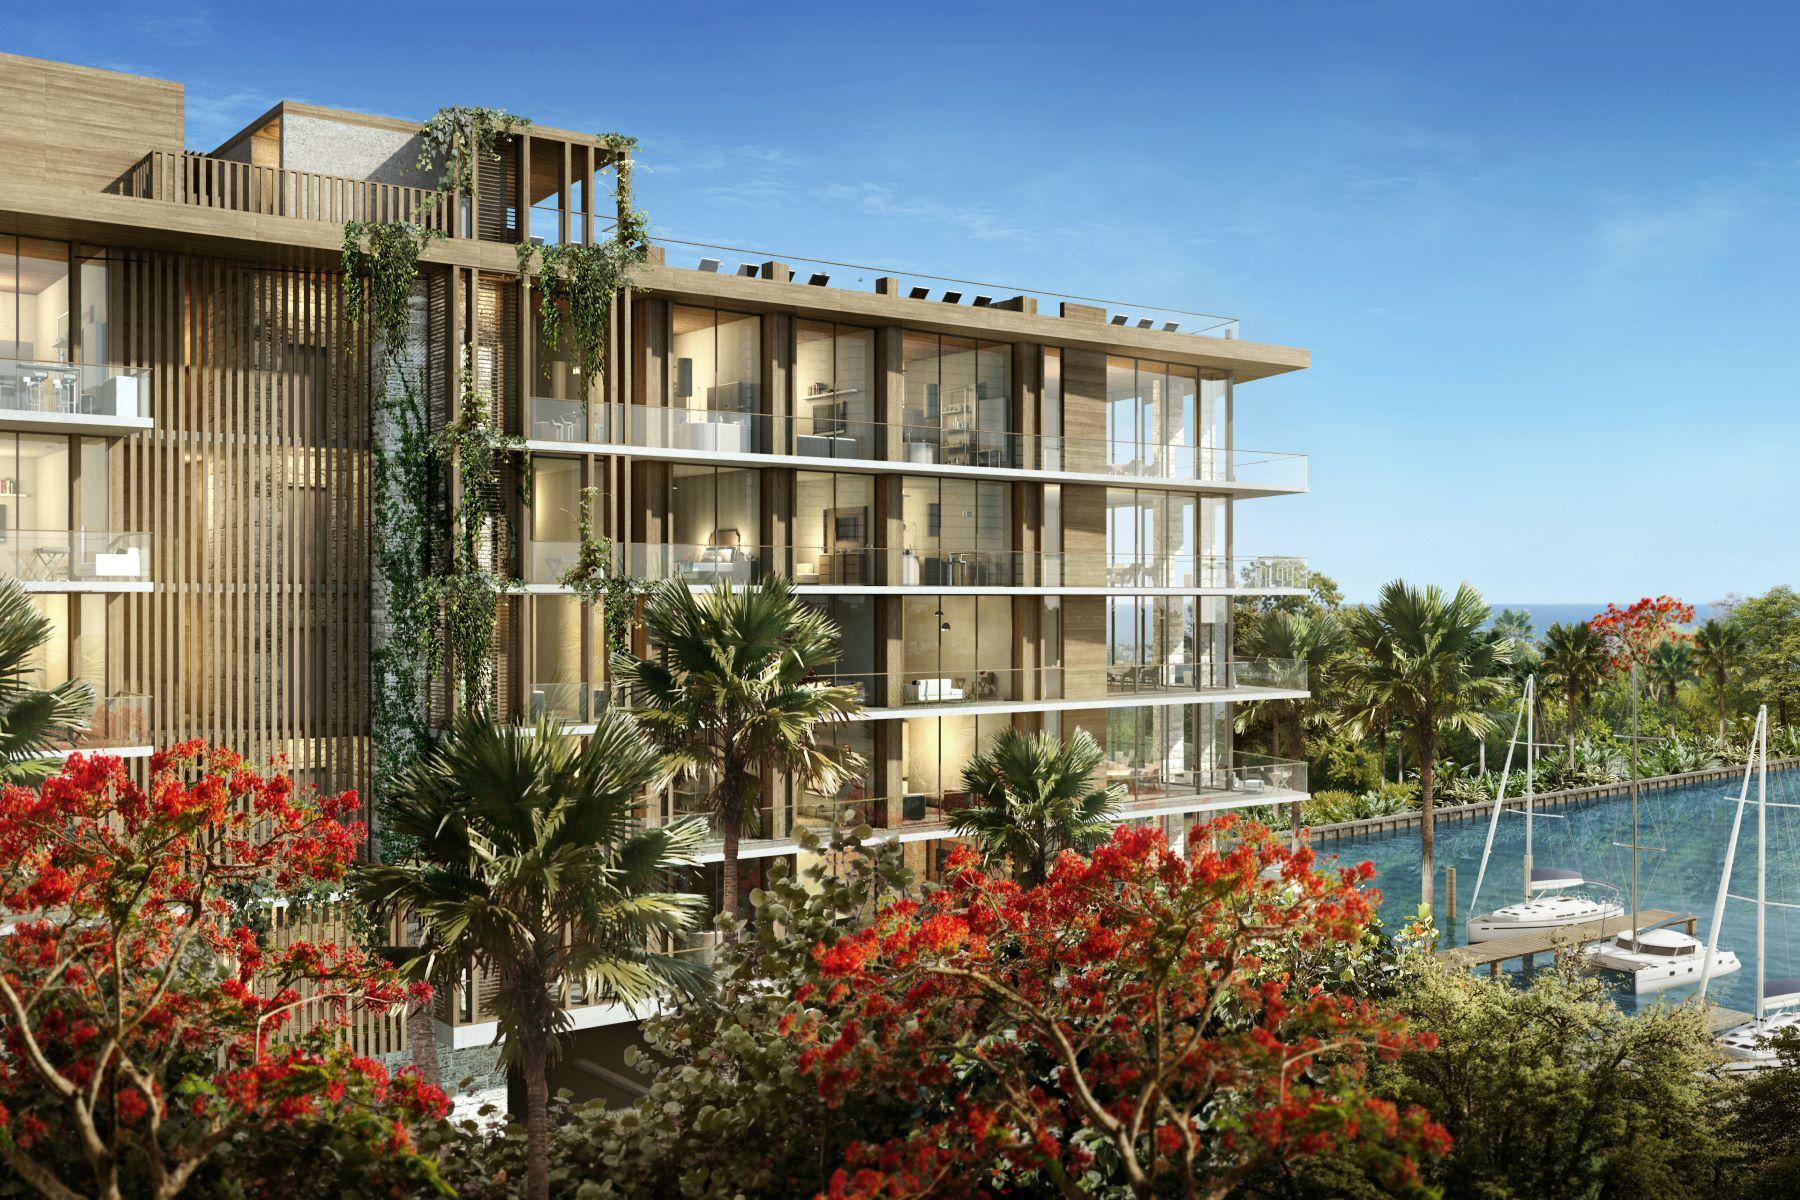 共管式独立产权公寓 为 销售 在 3581 E Glencoe #303 3581 E Glencoe 303 椰树林, 佛罗里达州, 33131 美国